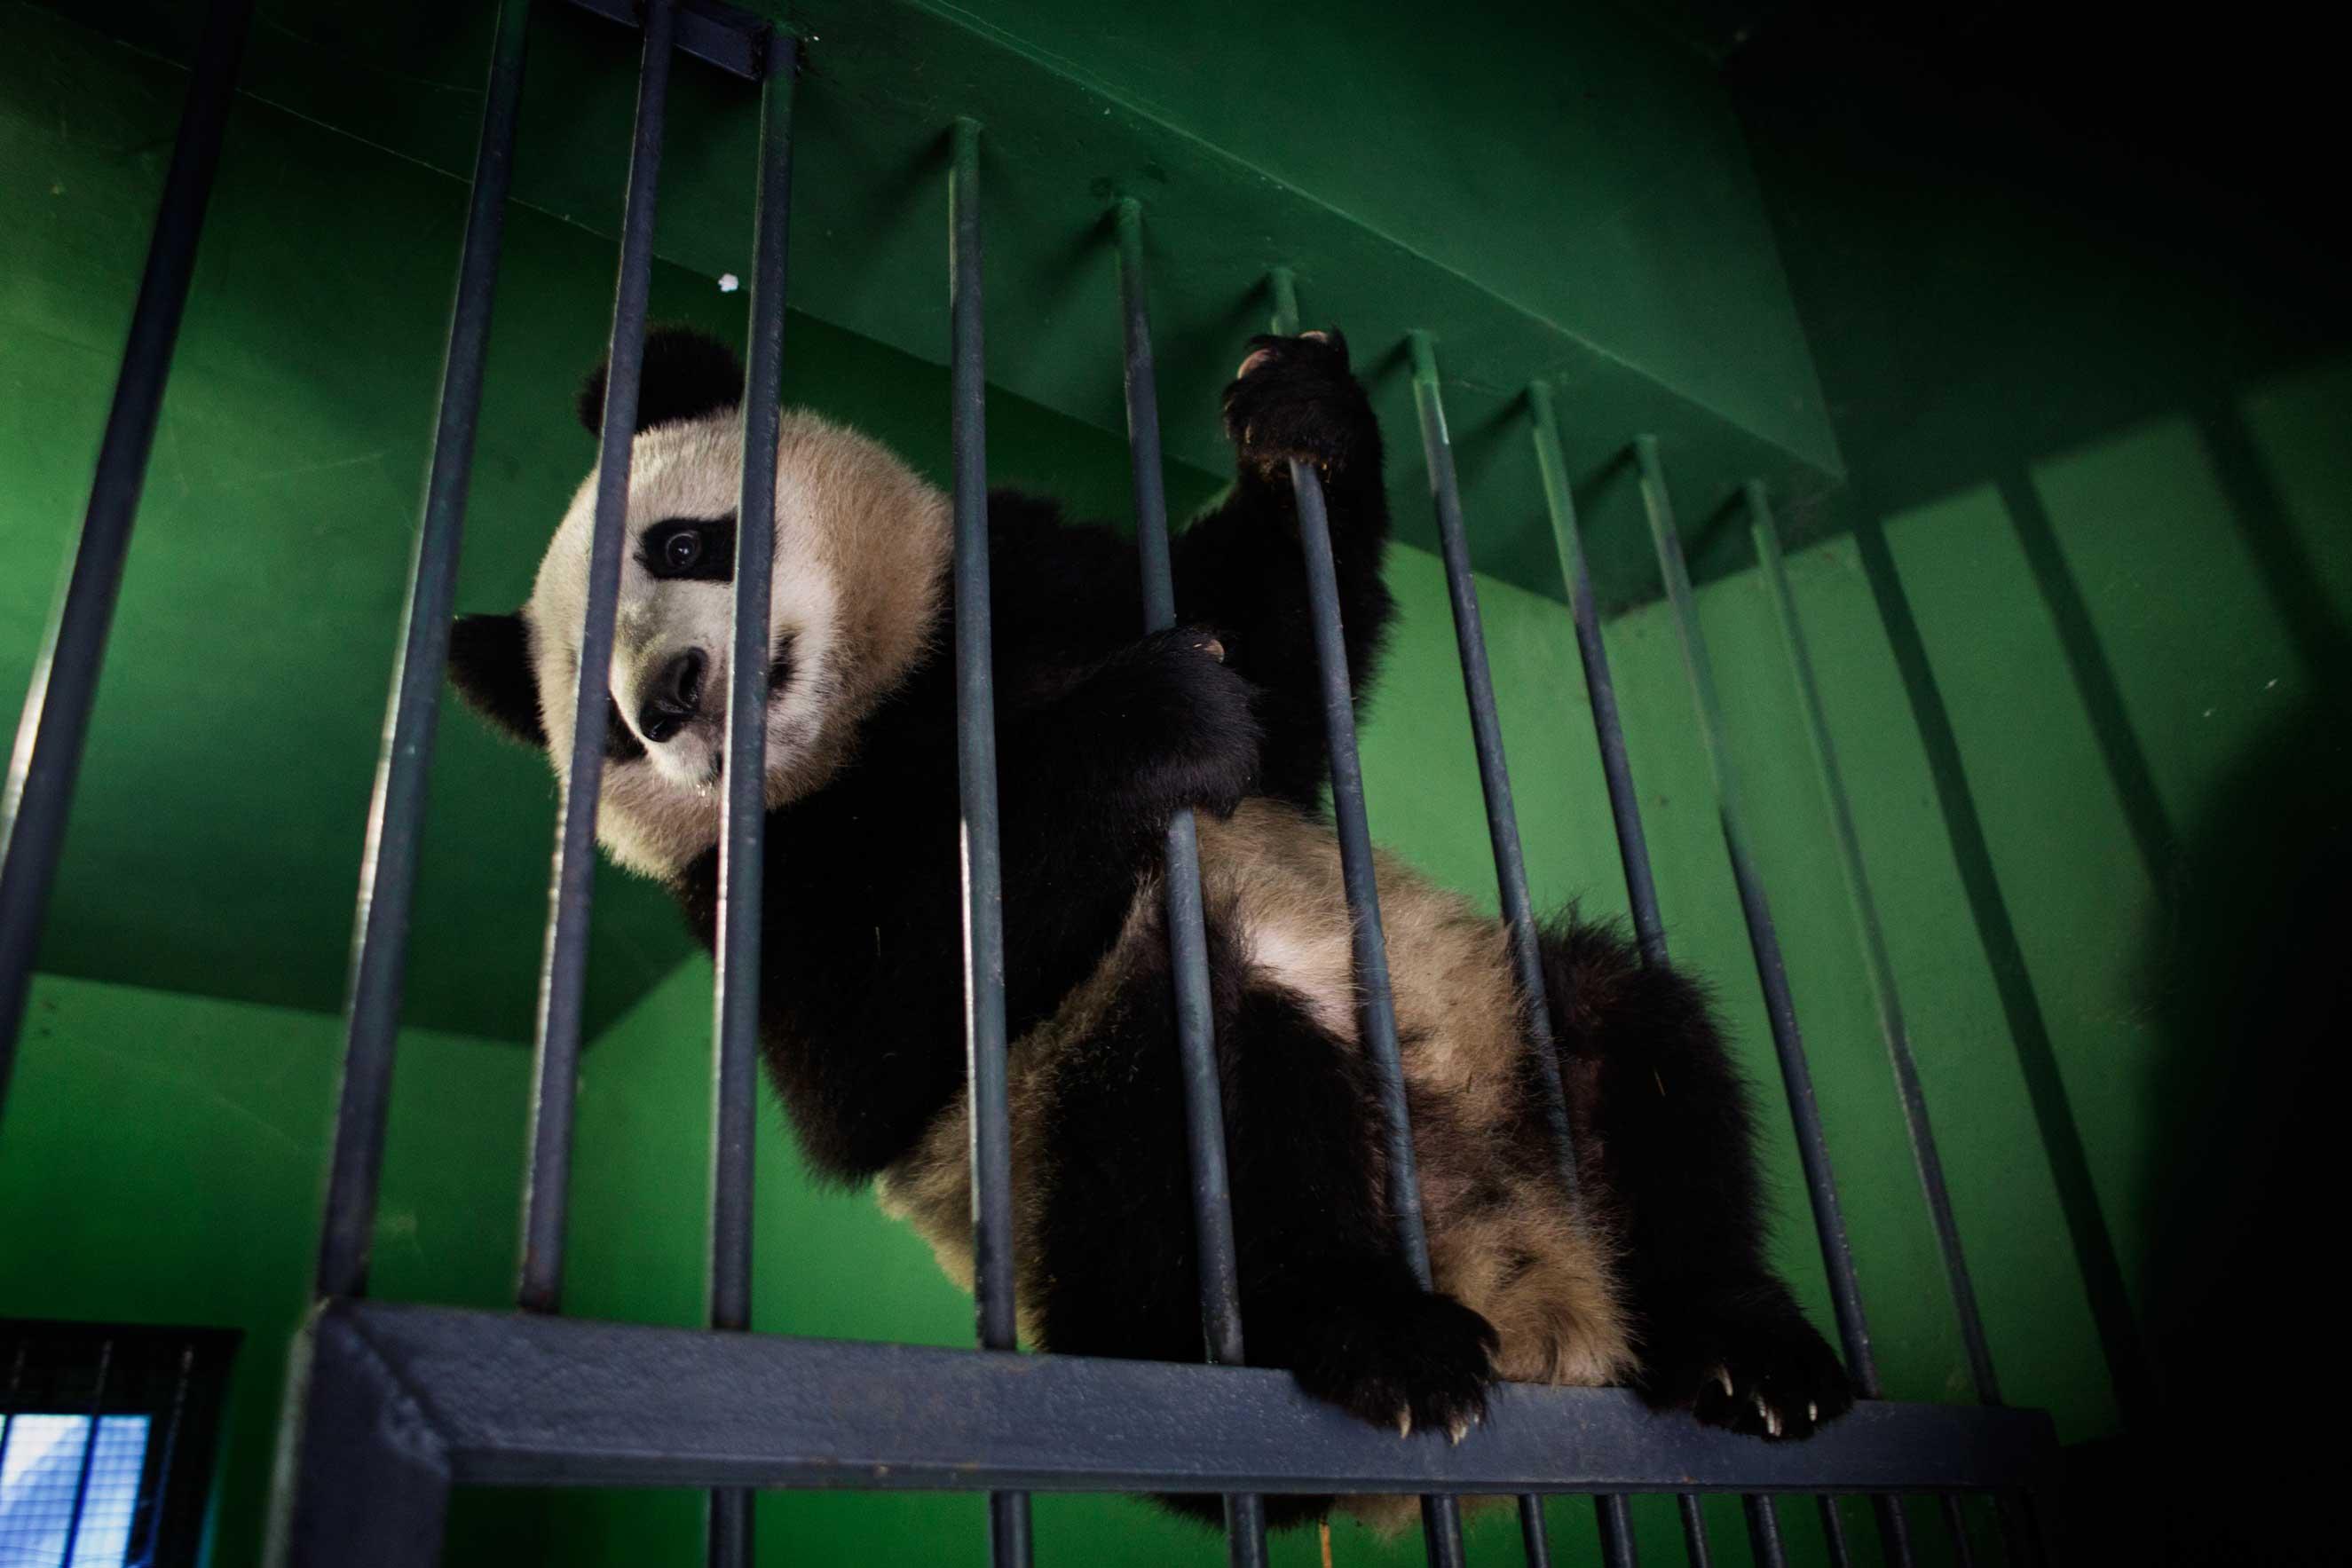 A panda plays in its enclosure, Dec. 1, 2015.